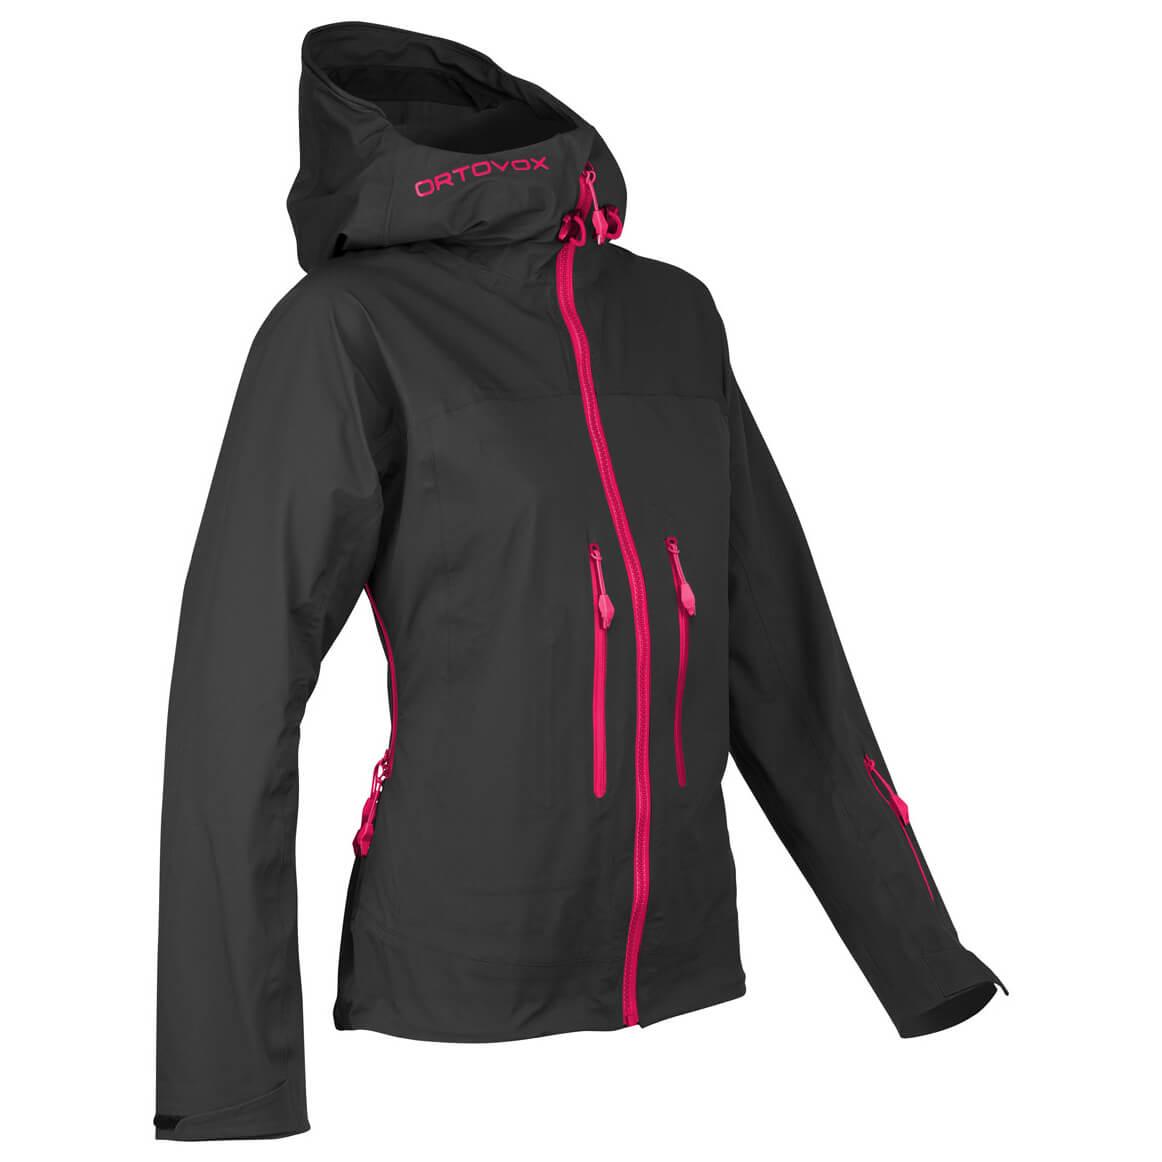 Ortovox Women's 3L Mi Jacket Alagna Regenjacke